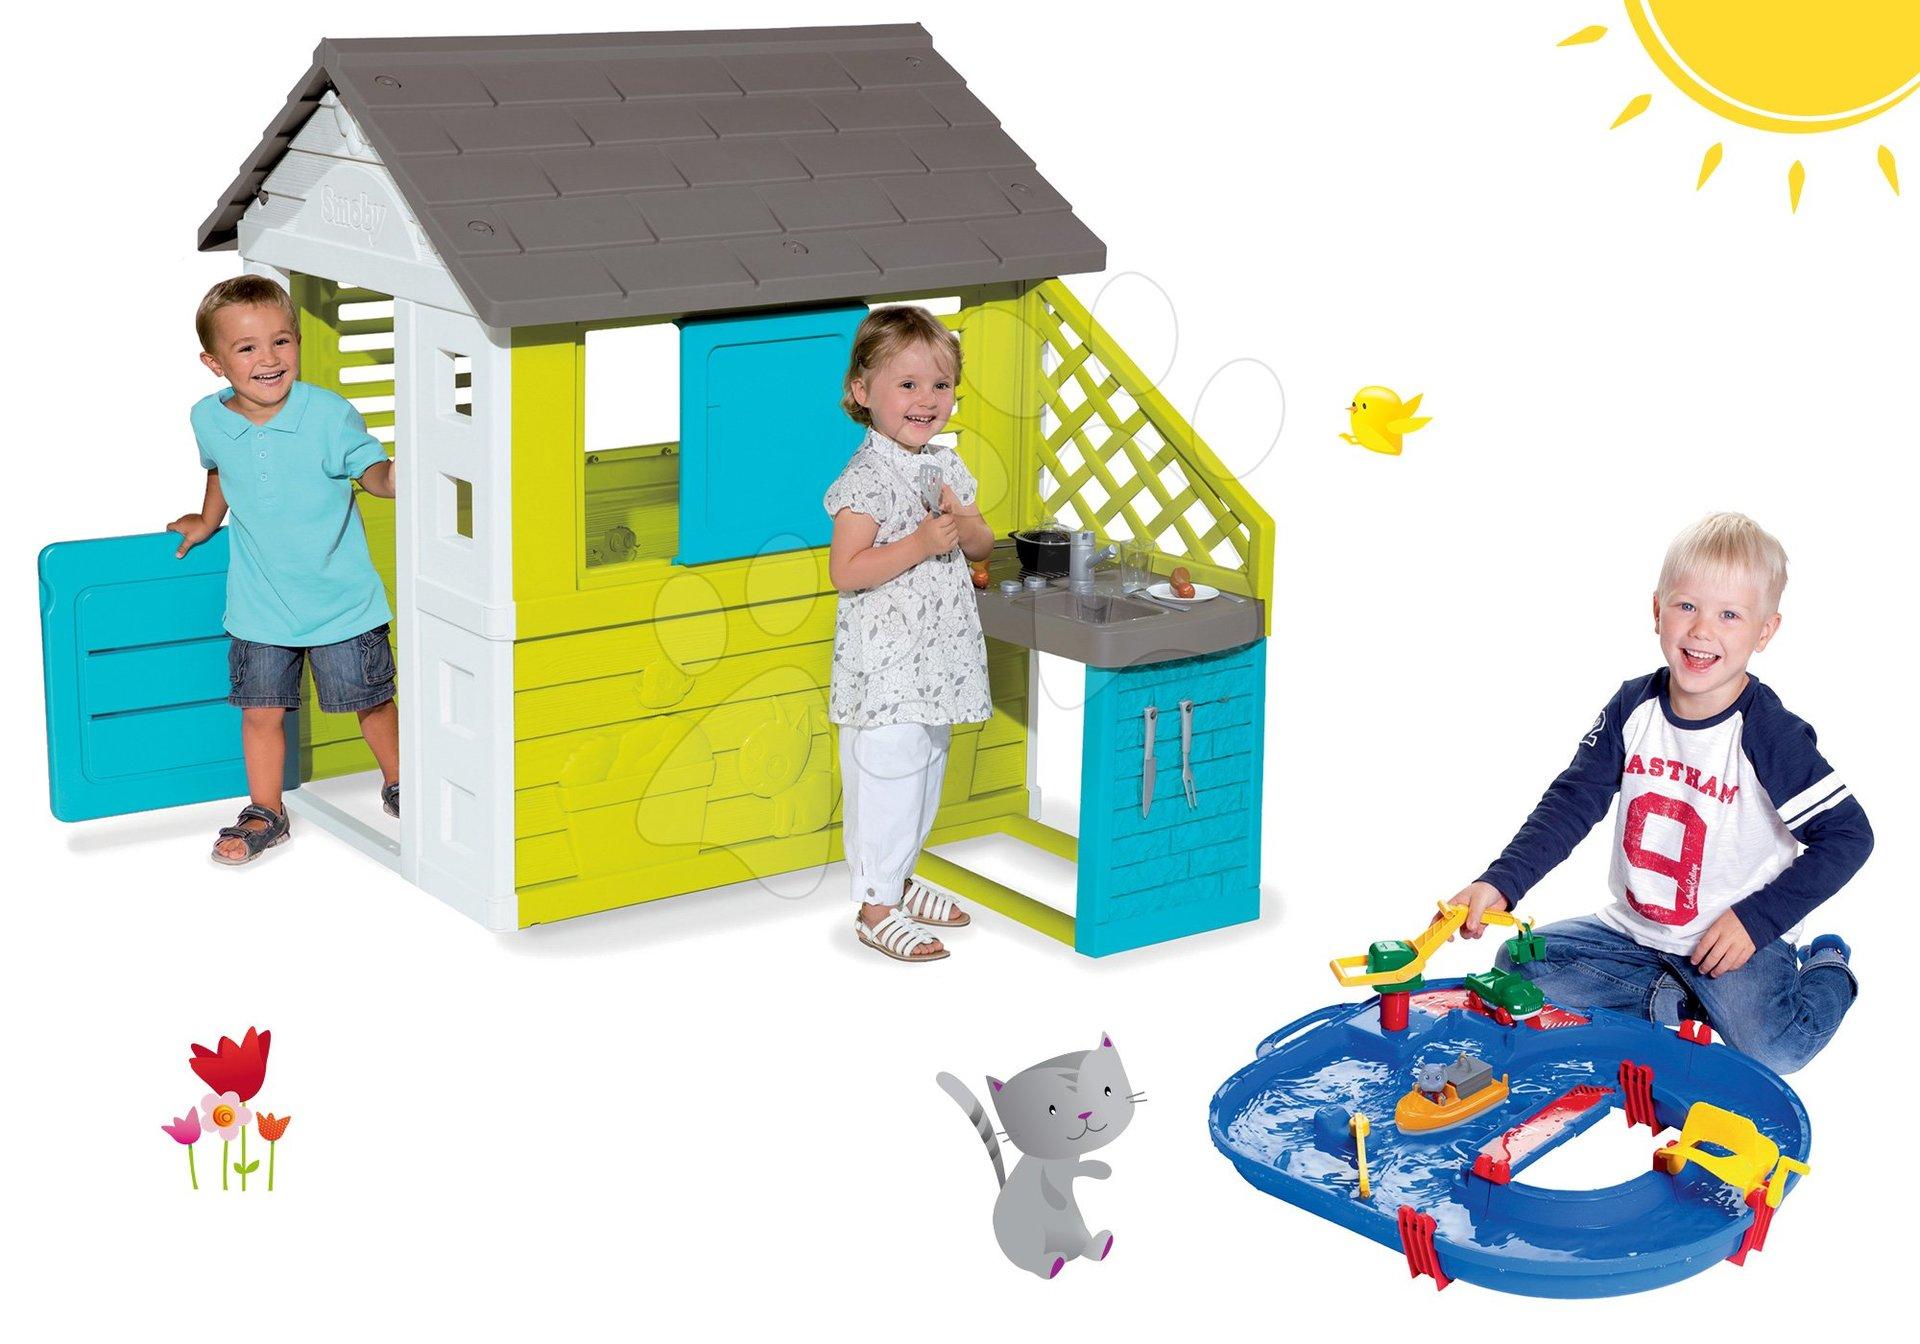 Smoby set detský domček Pretty Blue s letnou kuchynkou a vodná dráha Start Set s loďou 810703-42